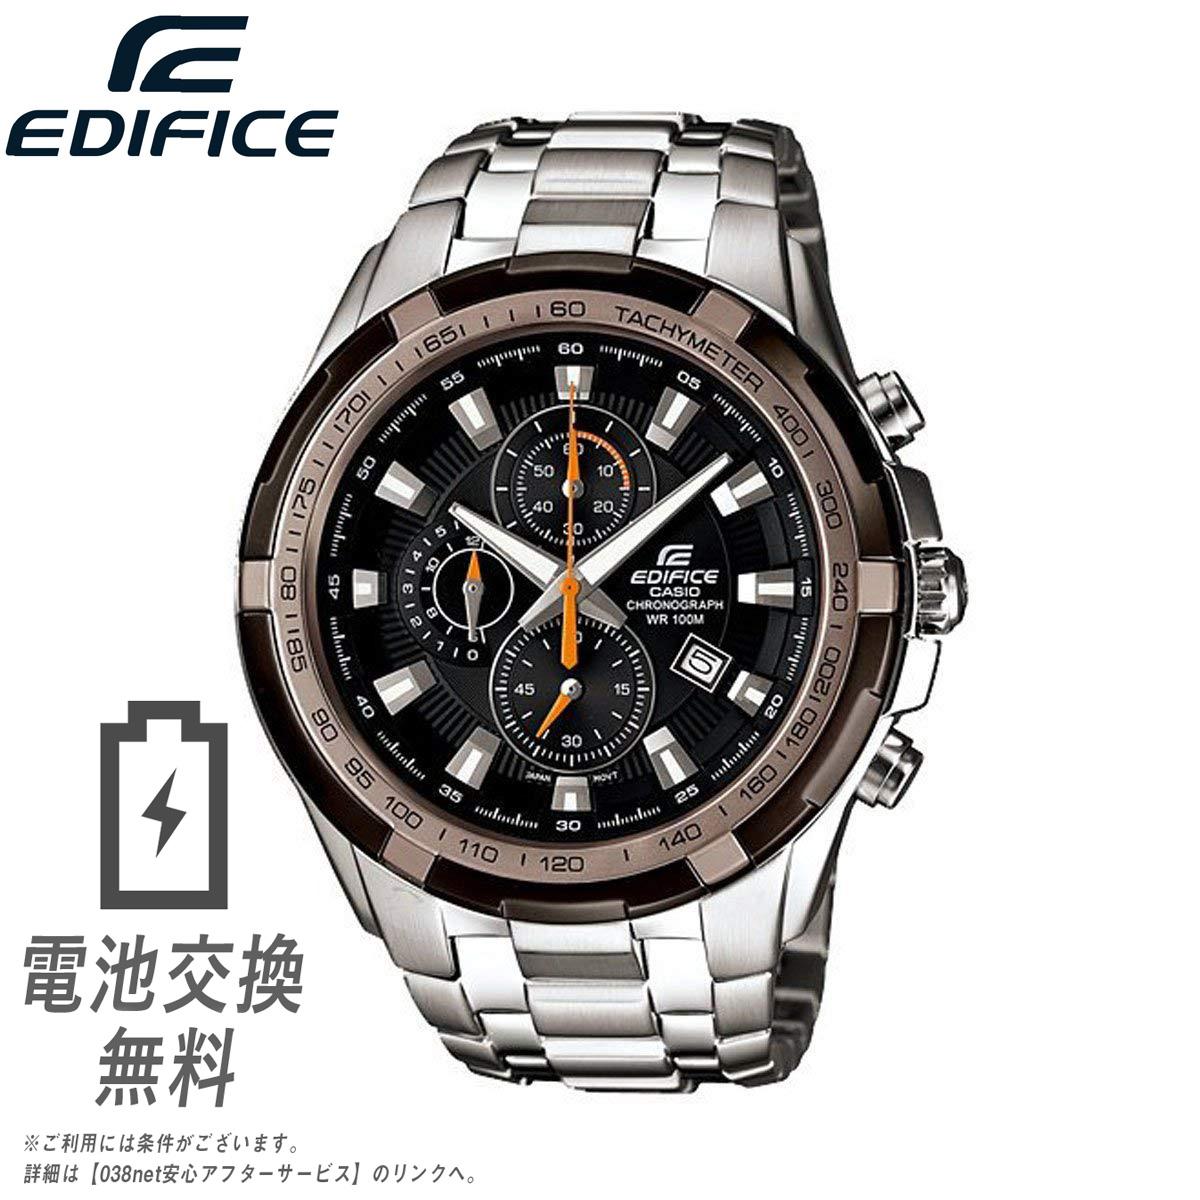 【ラッピング無料】CASIO カシオ EDIFICE エディフィス クロノグラフ 100M防水 EF-539D-1A9V タキメーター アナログ カレンダー ブラウン ステンレス 無垢 ブレスレット メンズ 男性用 腕時計 時計 ビジネスウォッチ